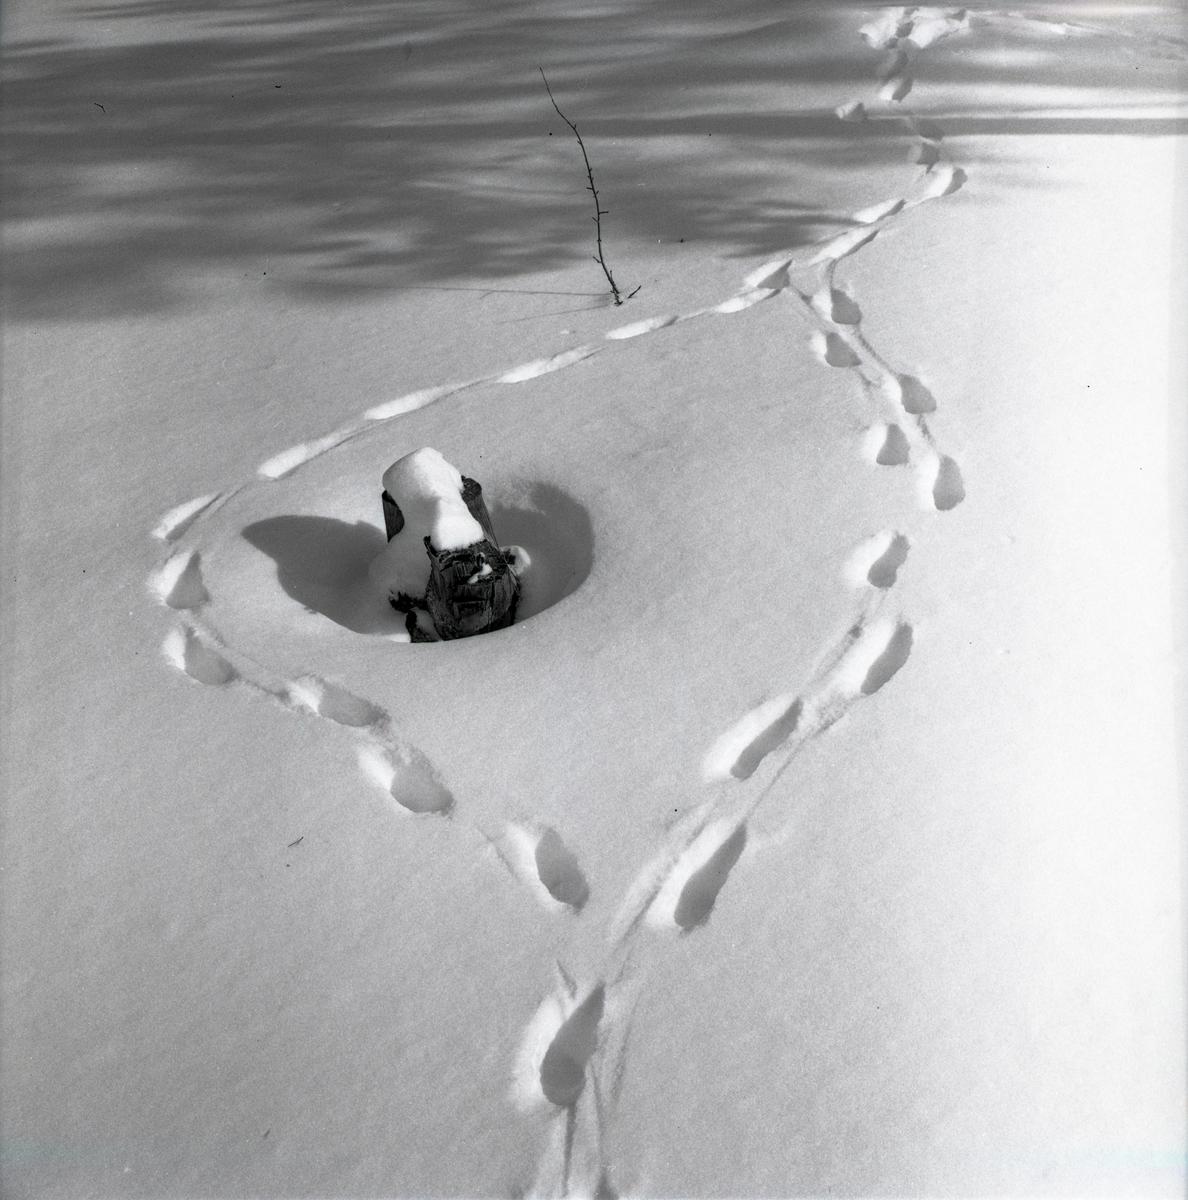 Rävspår runt en stubbe i snön vid Särna, april 1963.